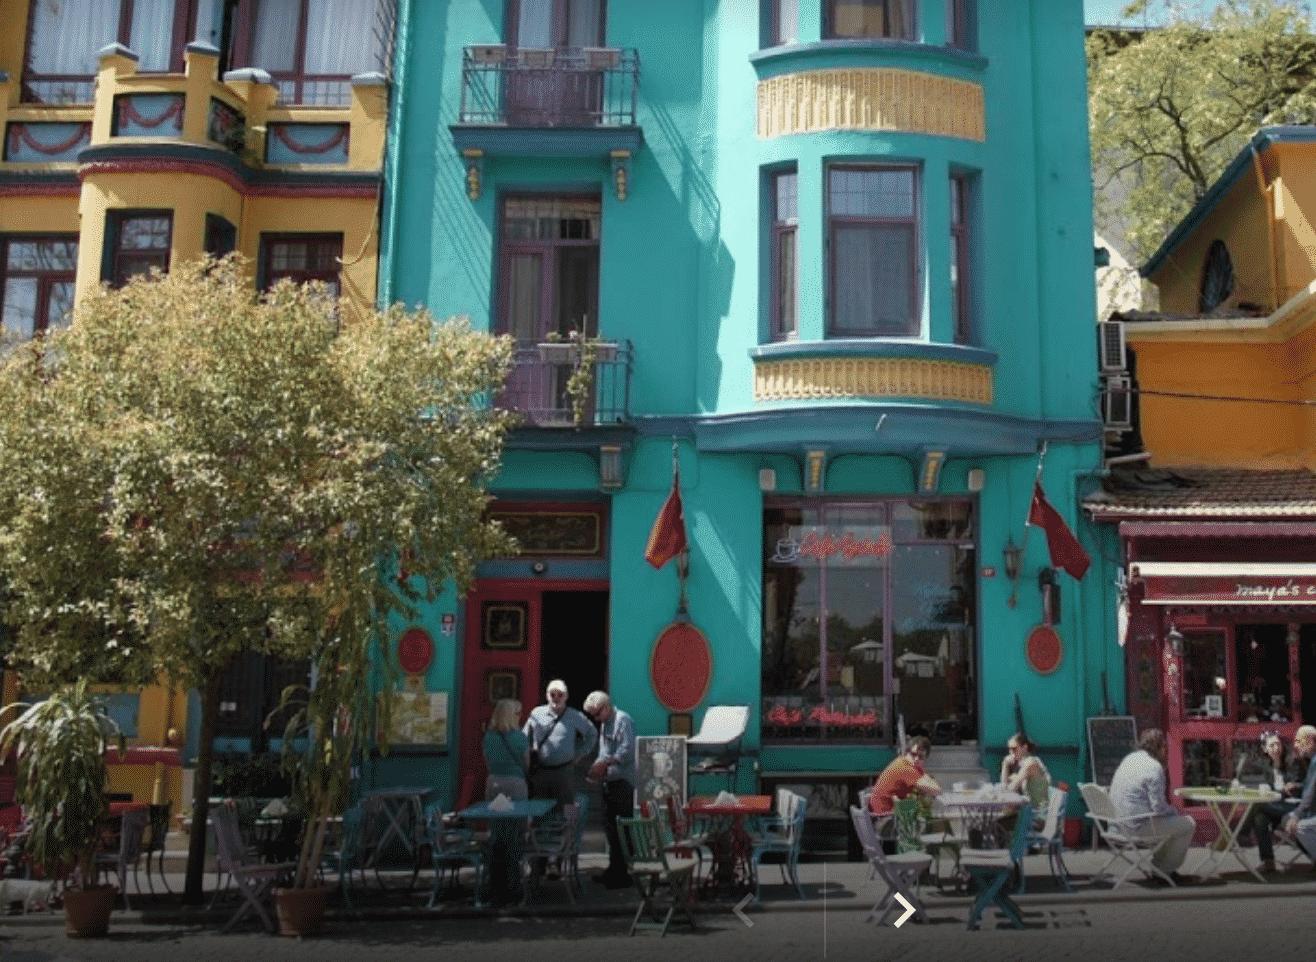 Kybele Cafe